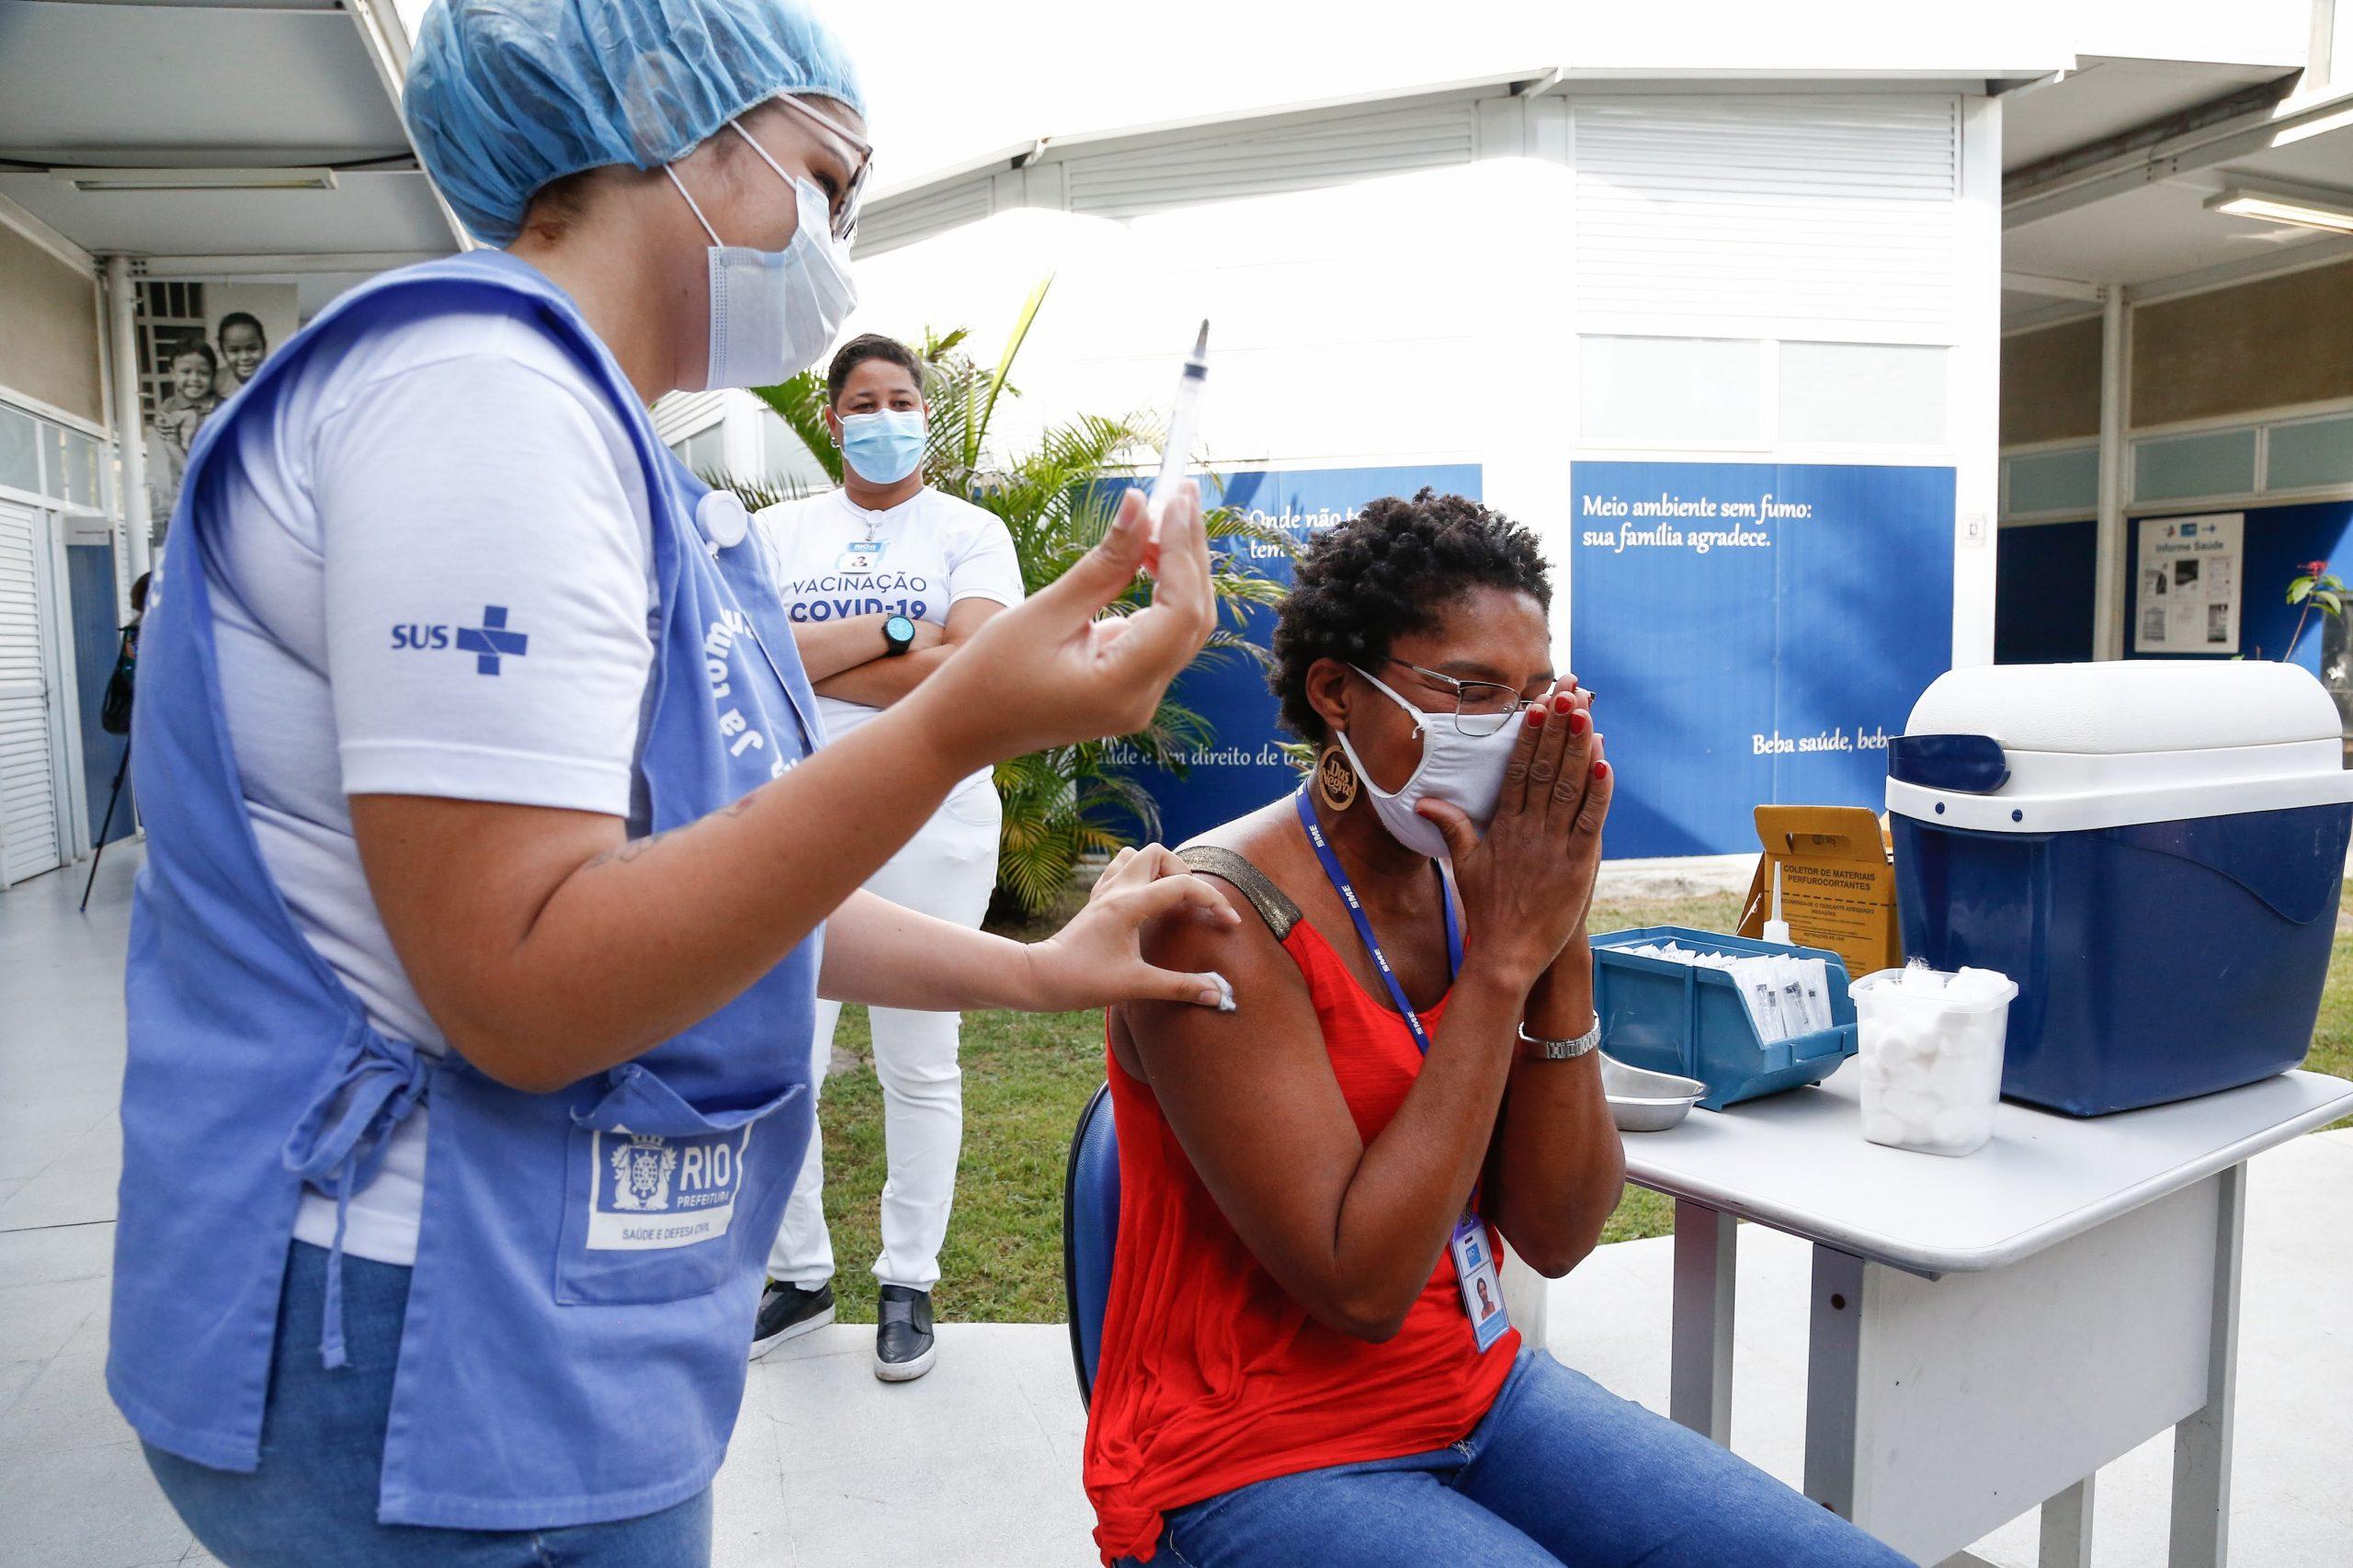 Profissionais da Educação começam a ser vacinados pela Prefeitura -  Prefeitura da Cidade do Rio de Janeiro - prefeitura.rio